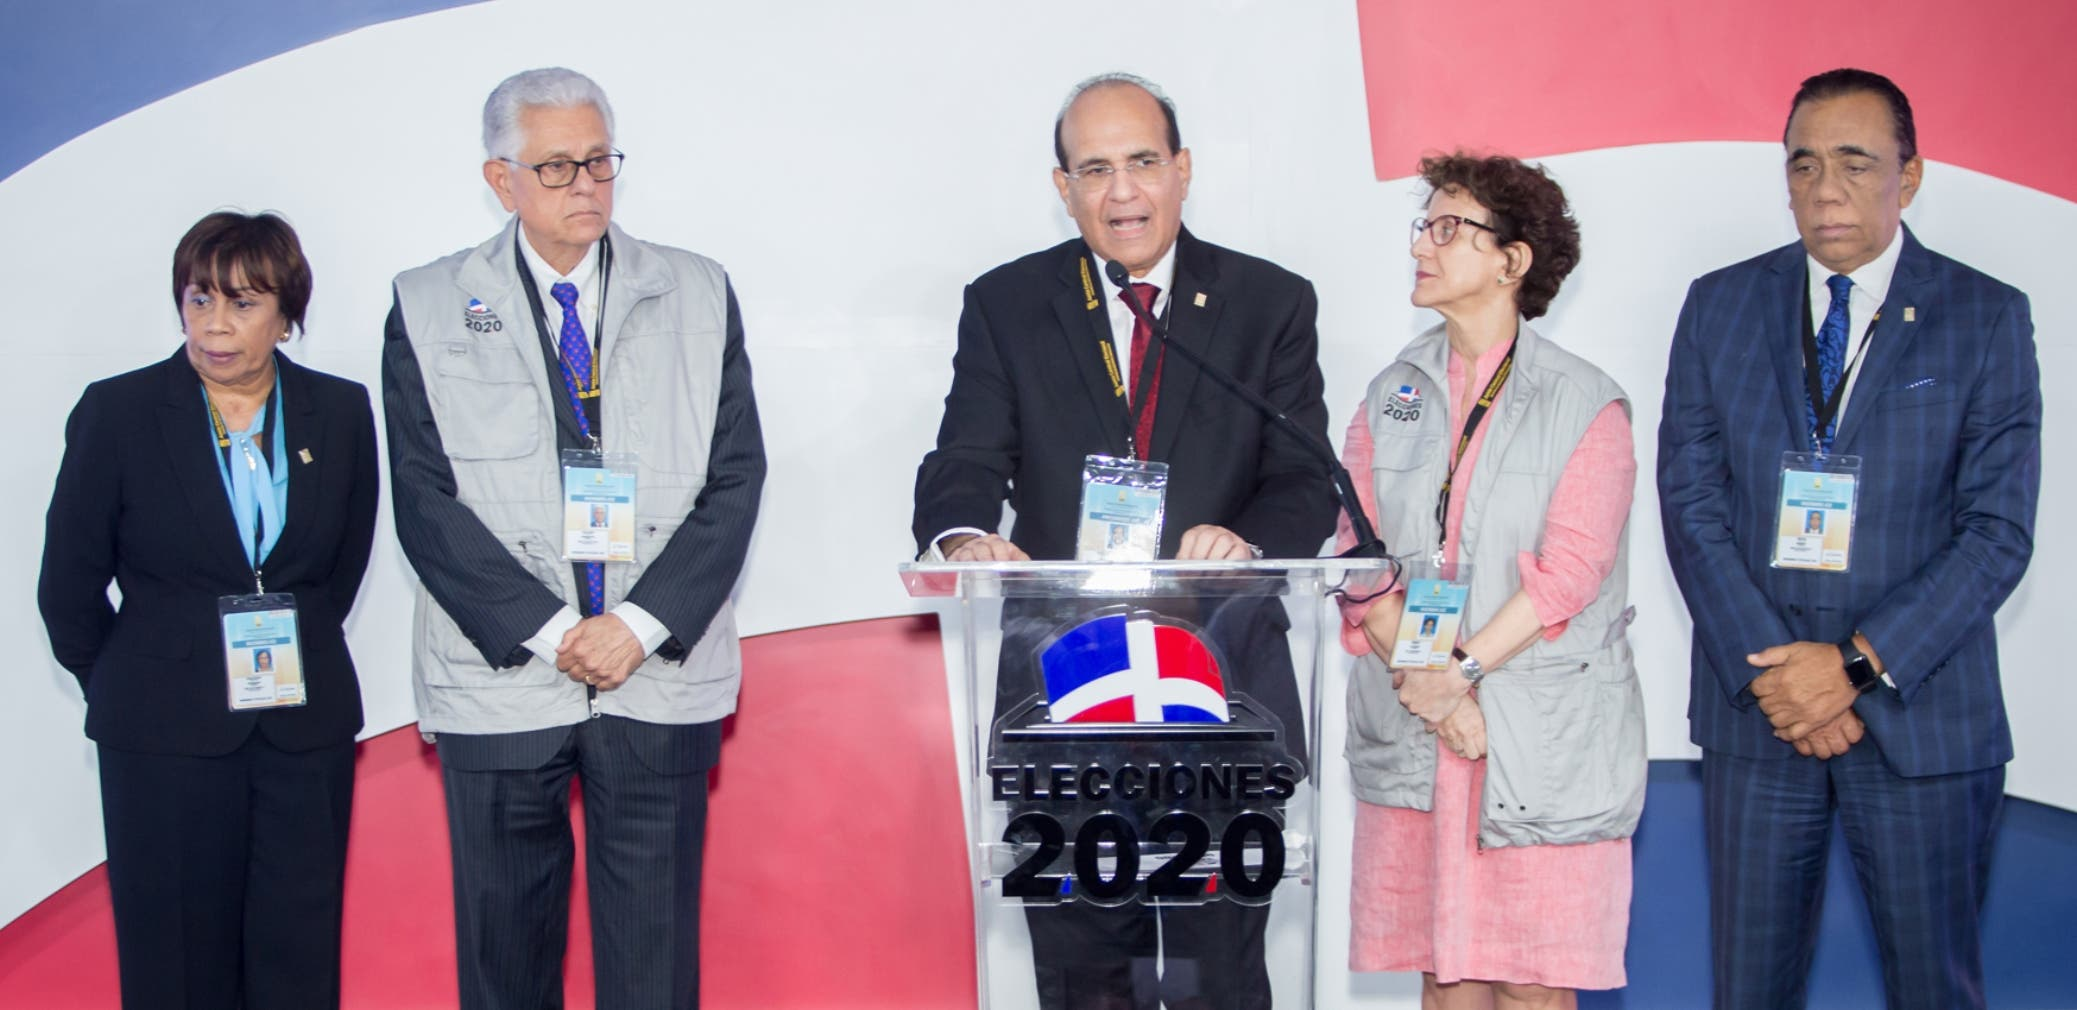 El Pleno de la Junta Central Electoral mantuvo permanente orientación a la población sobre las votaciones del PLD y del PRM.   Ana Mármol